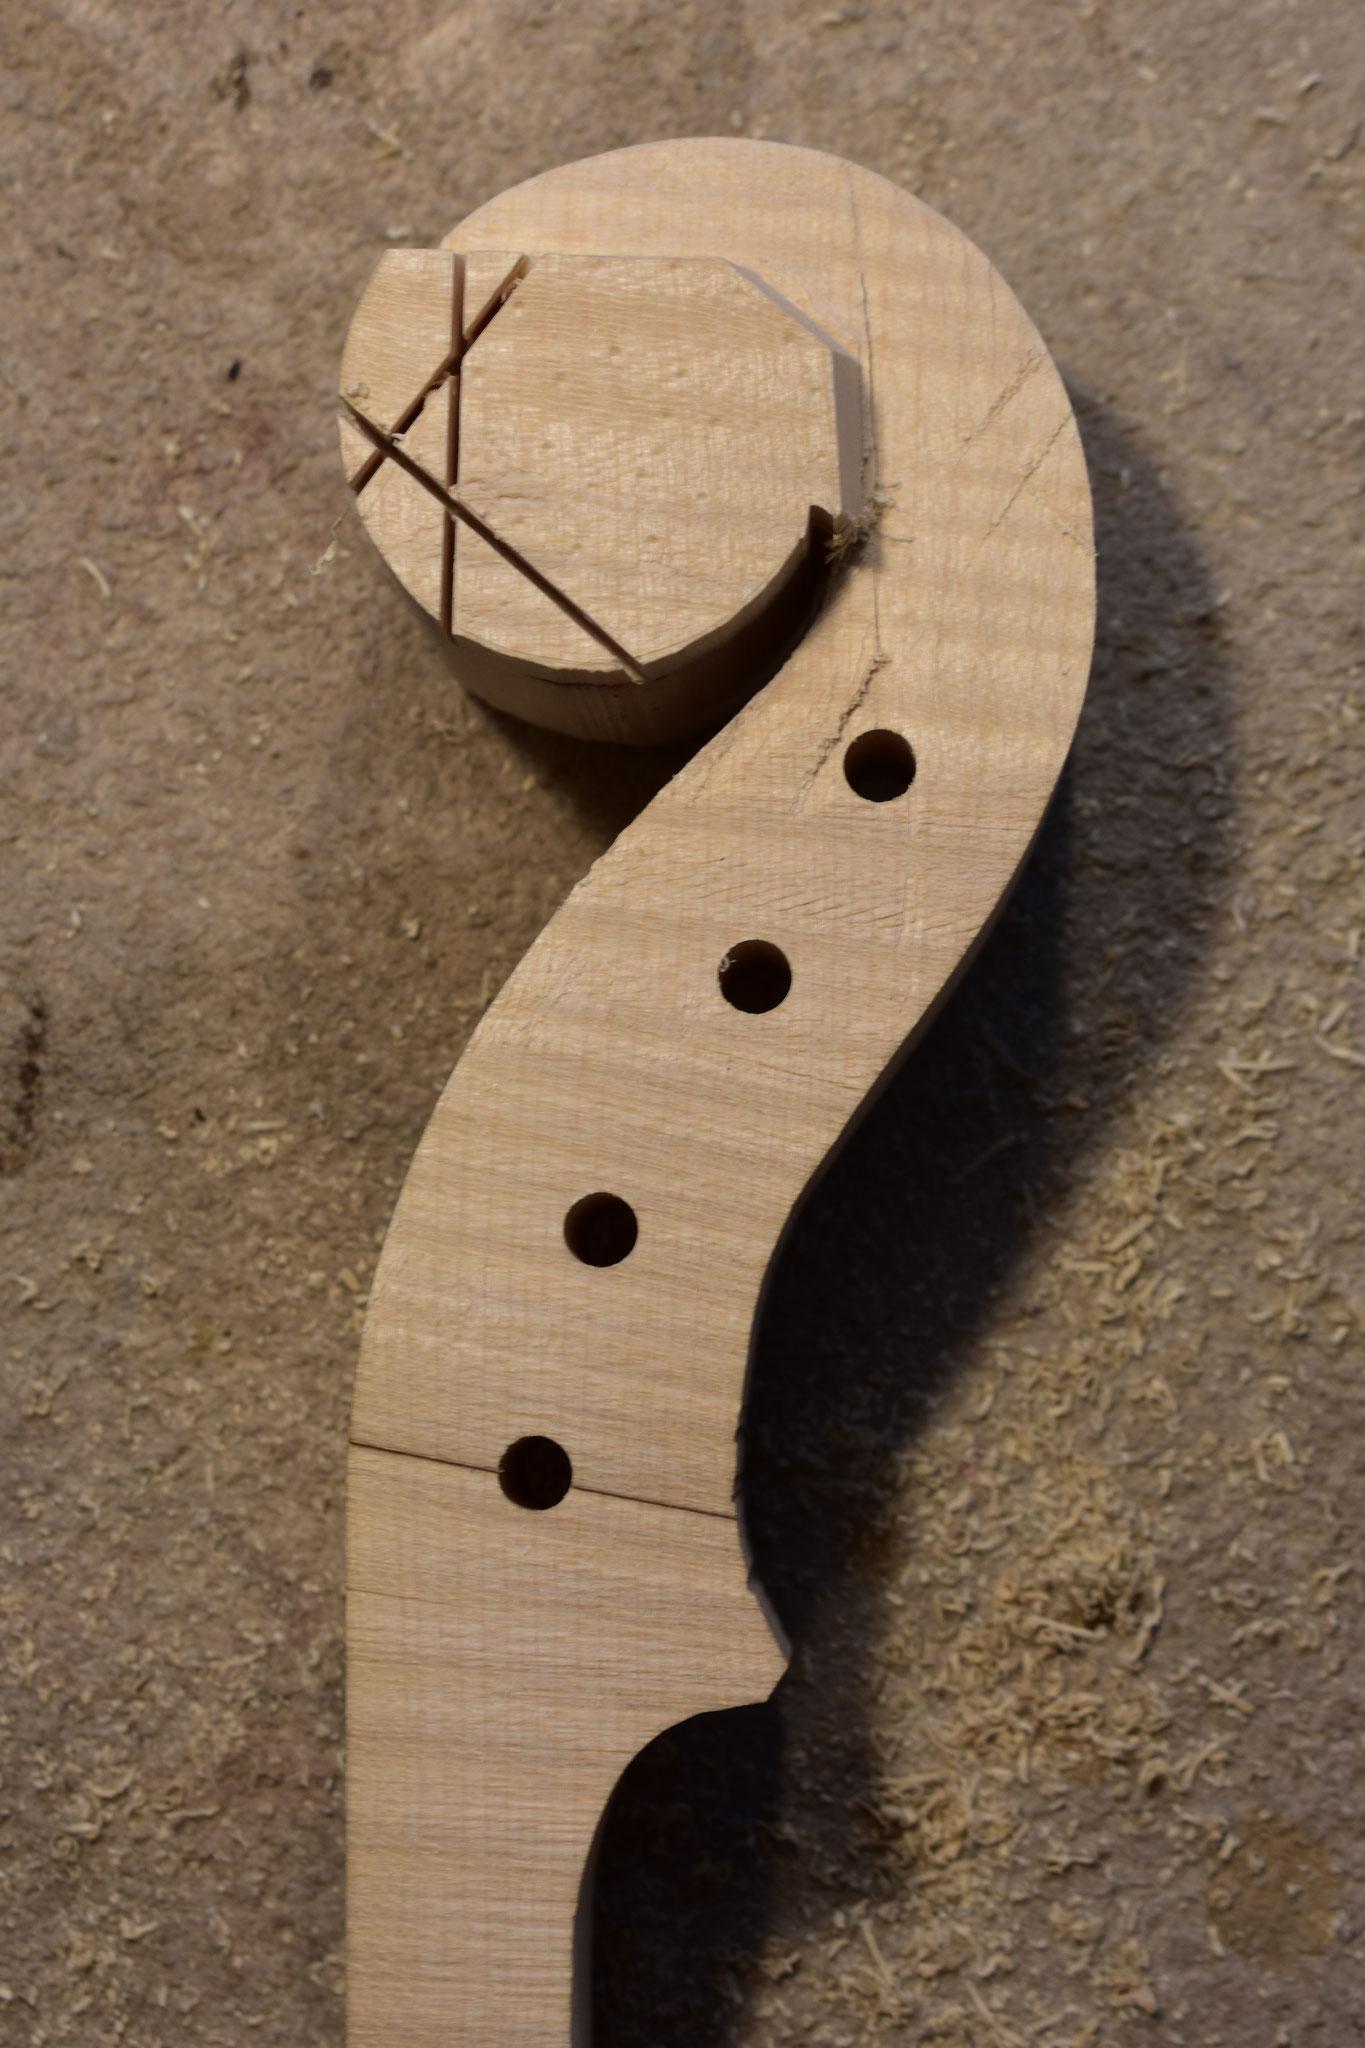 Durch weitere Sägeschnitte wird die Form langsam sichtbar.